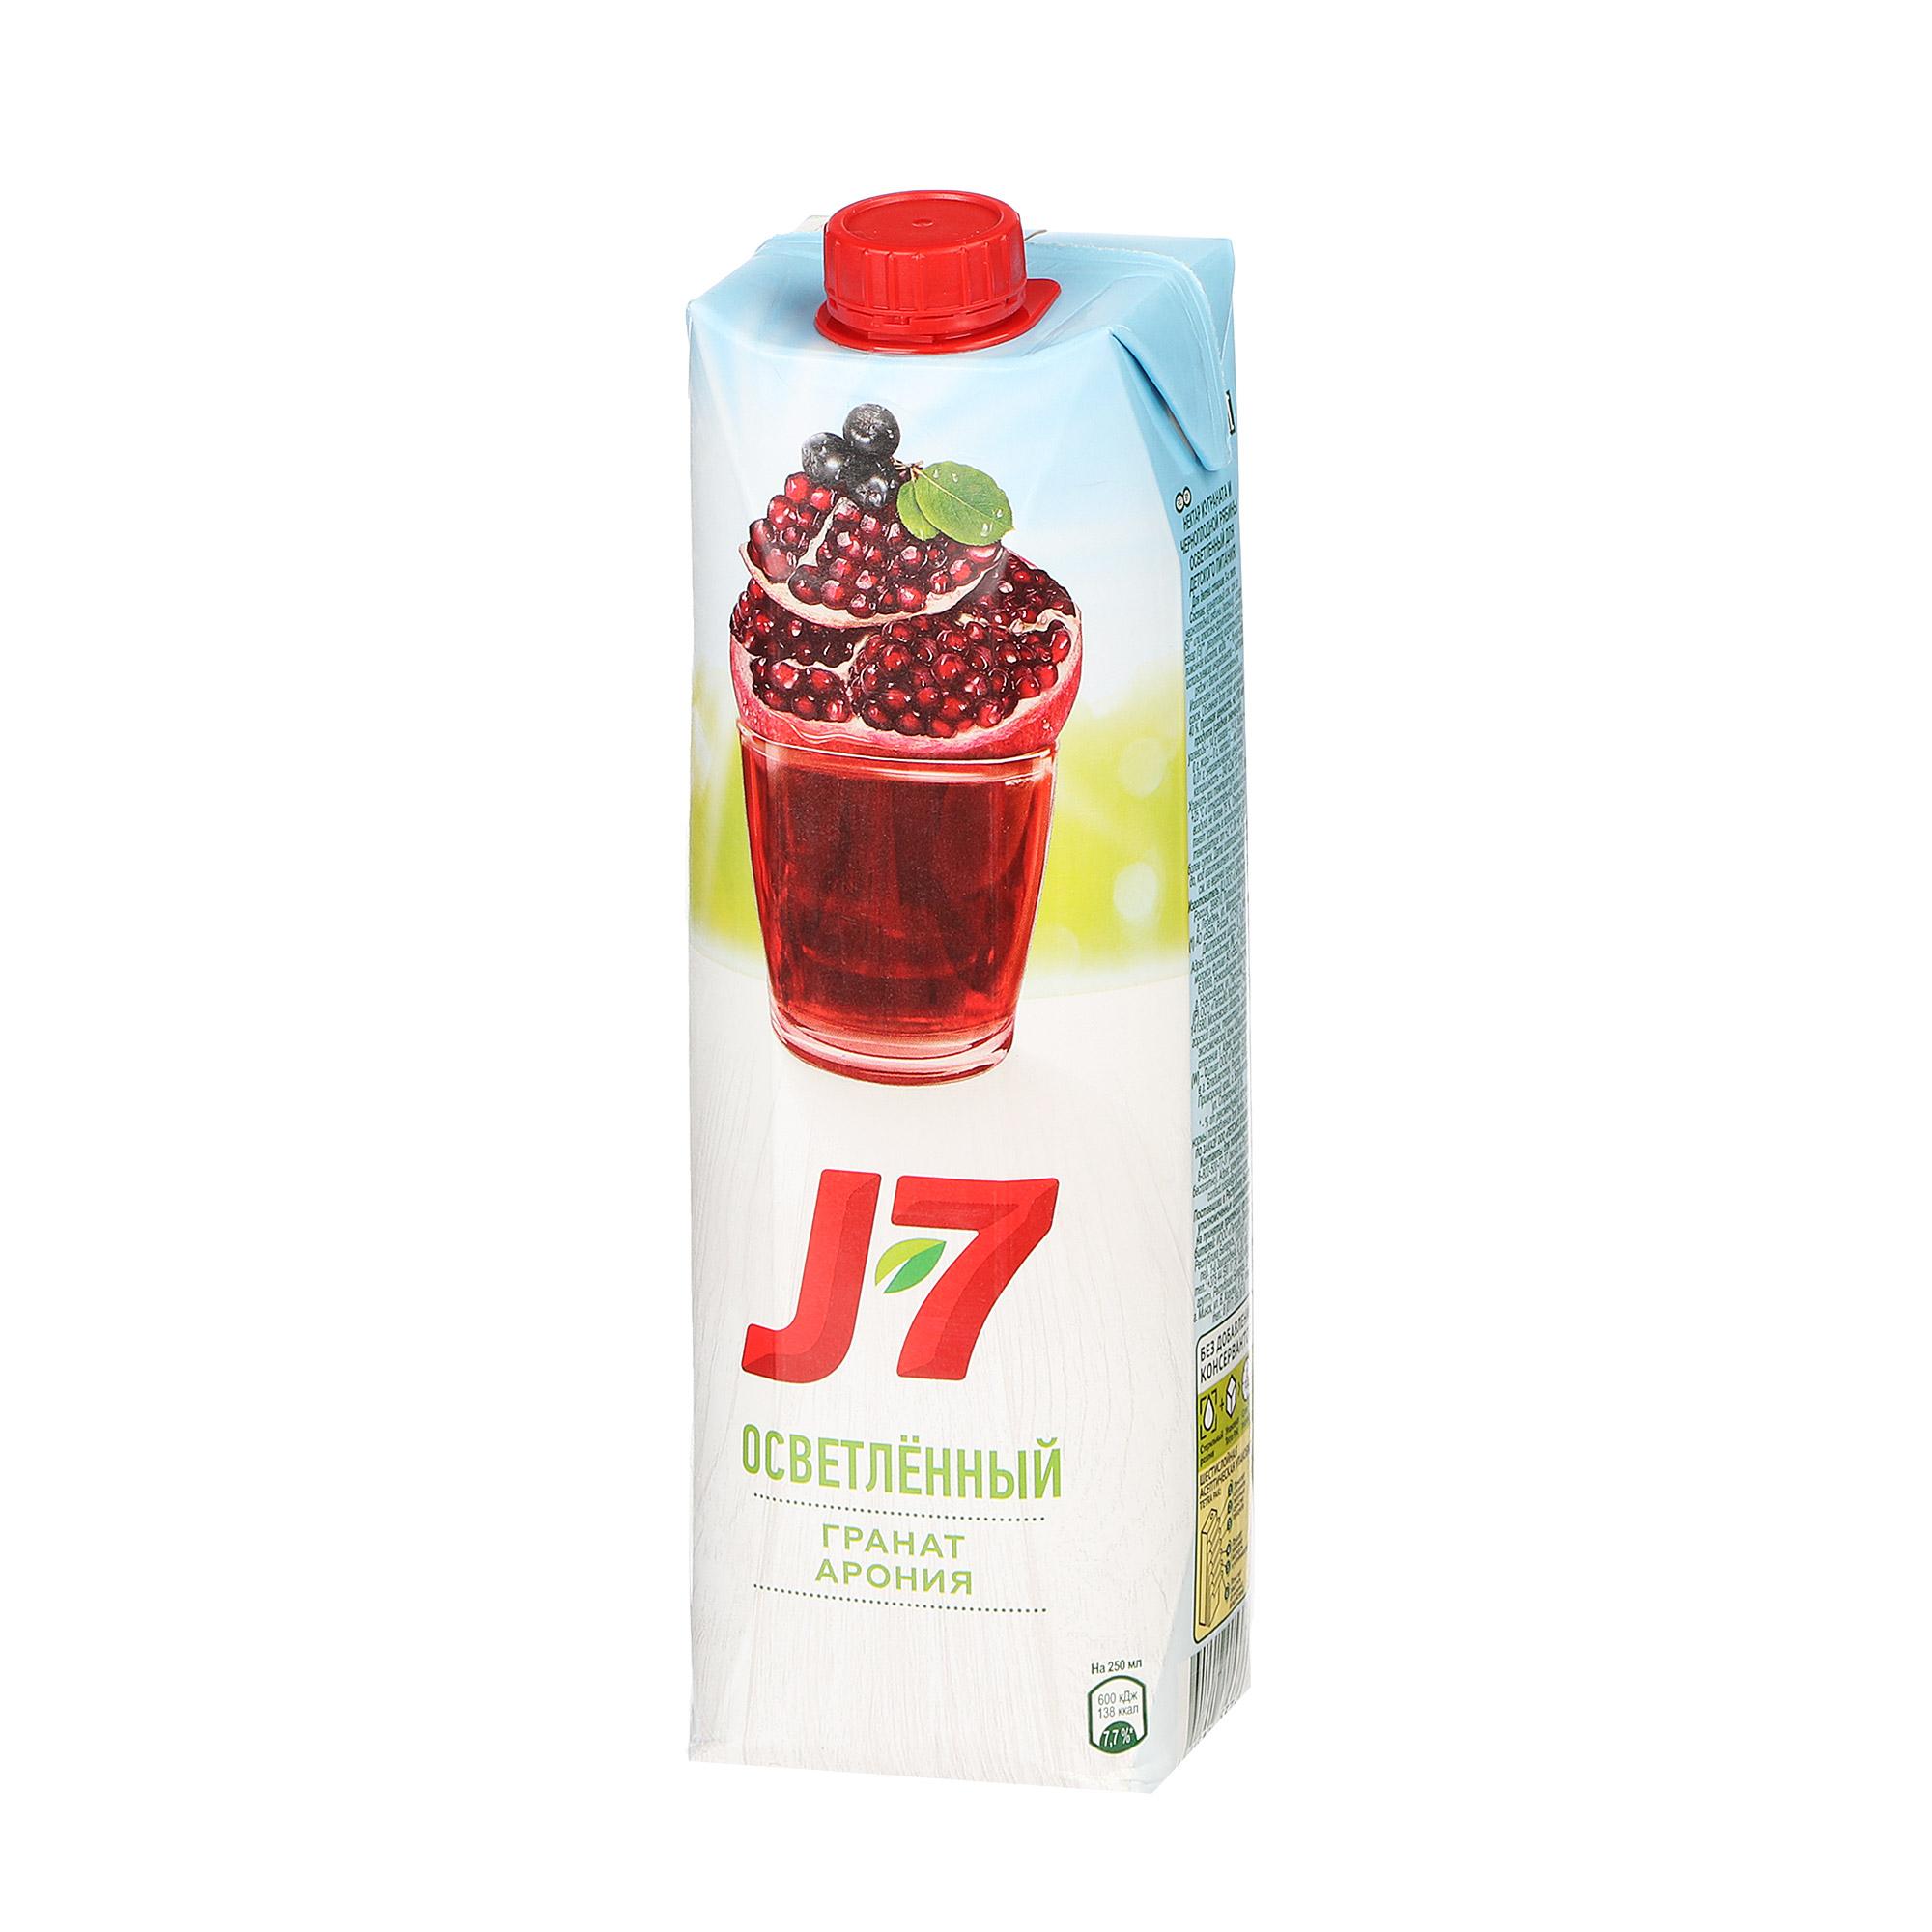 barinoff сок гранатовый 0 25 л Нектар J7 гранатовый розовый 0,97 л